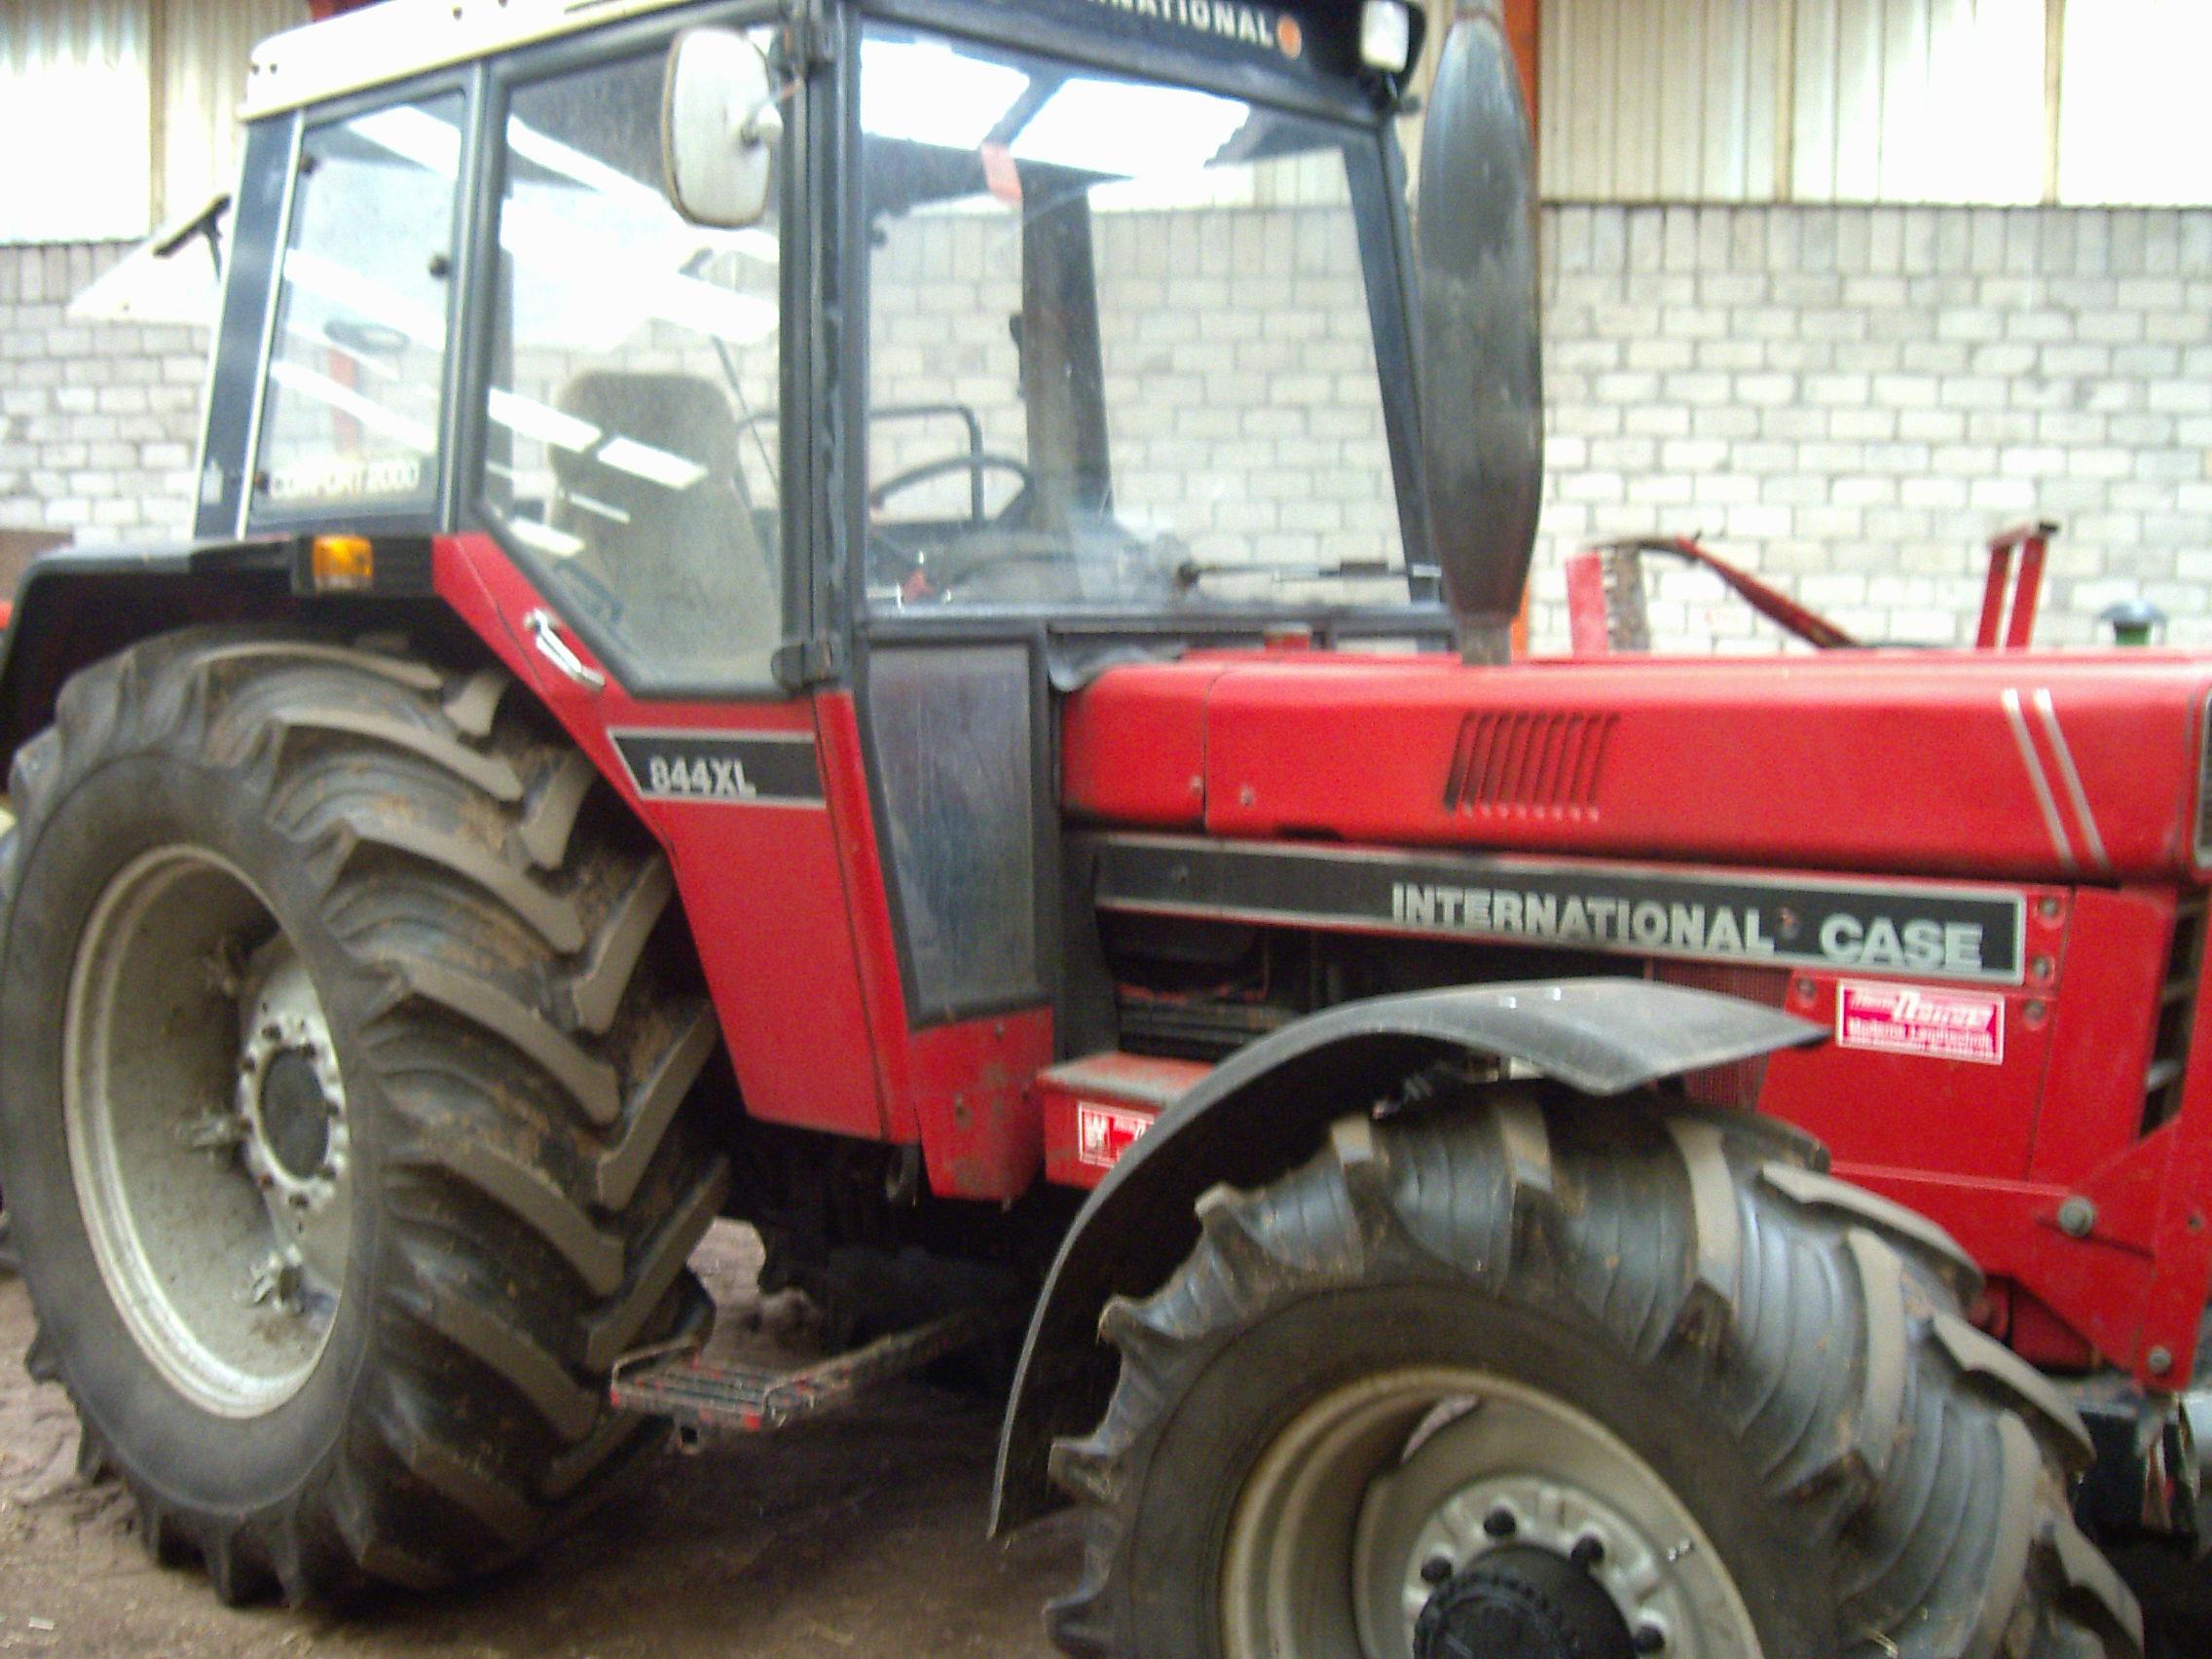 traktor case ihc 844s traktoren landwirtschaftl fahrzeuge. Black Bedroom Furniture Sets. Home Design Ideas